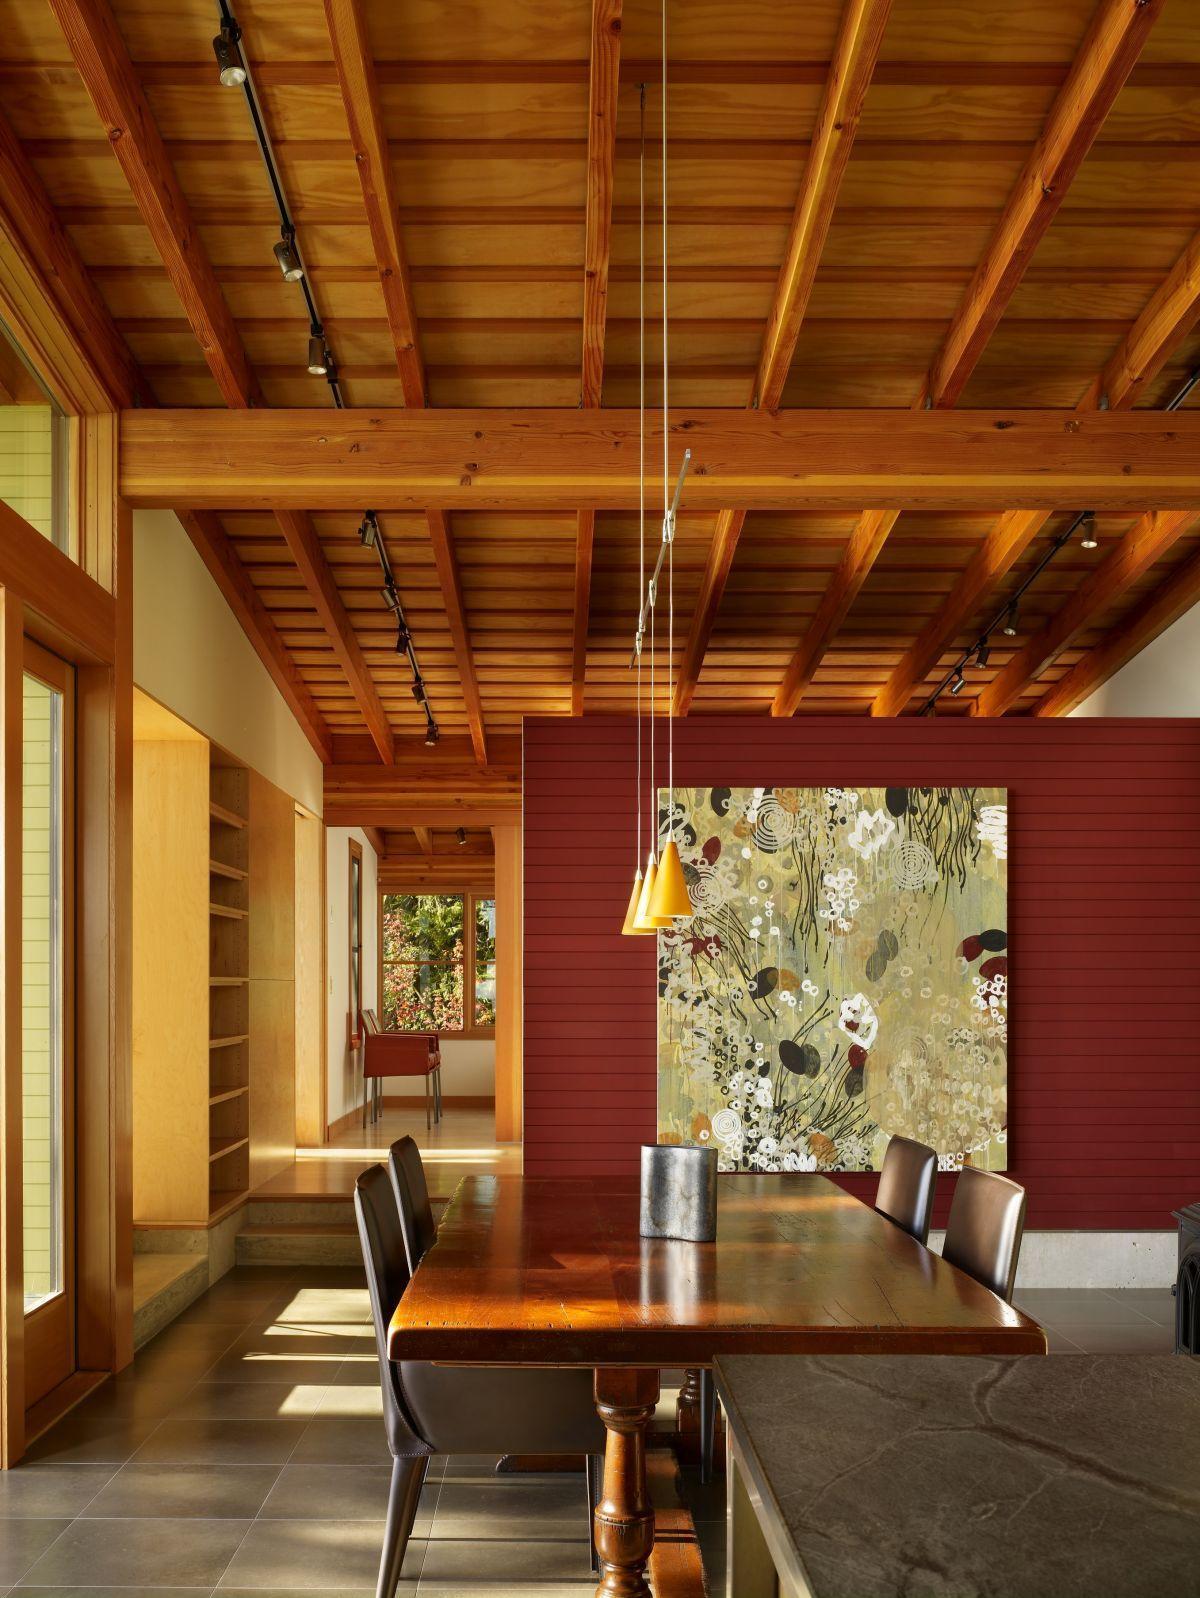 другой потолок в деревянном доме картинки пеших